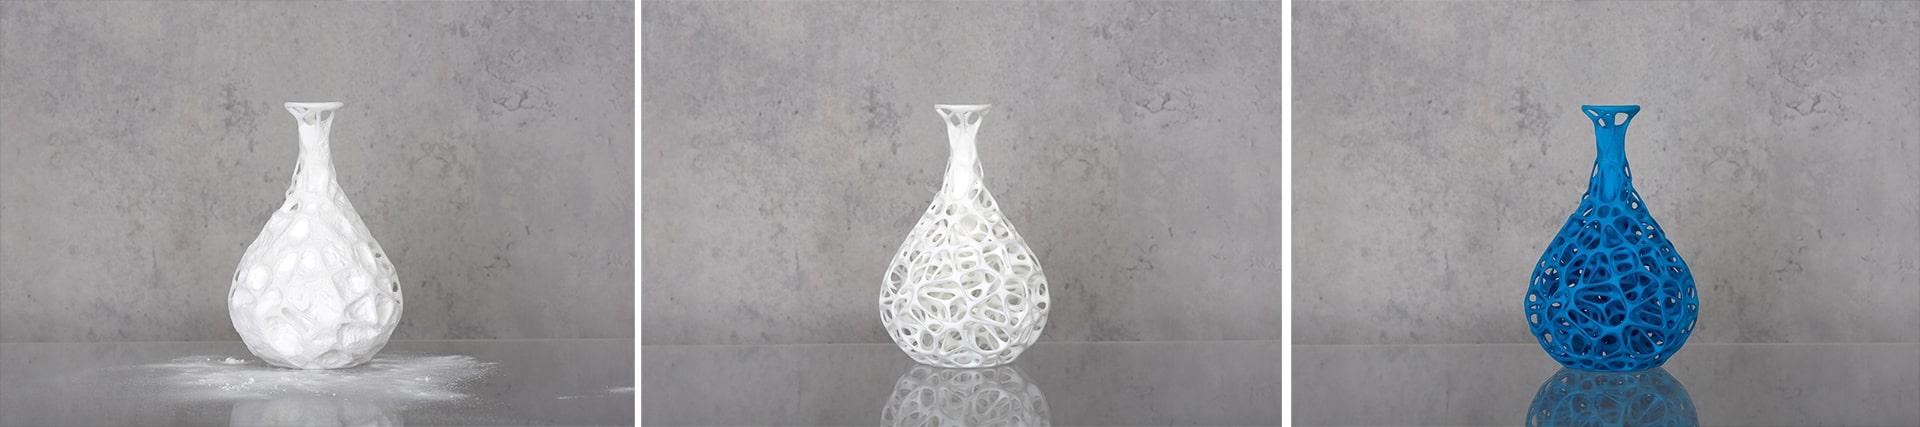 DyeMansion vases